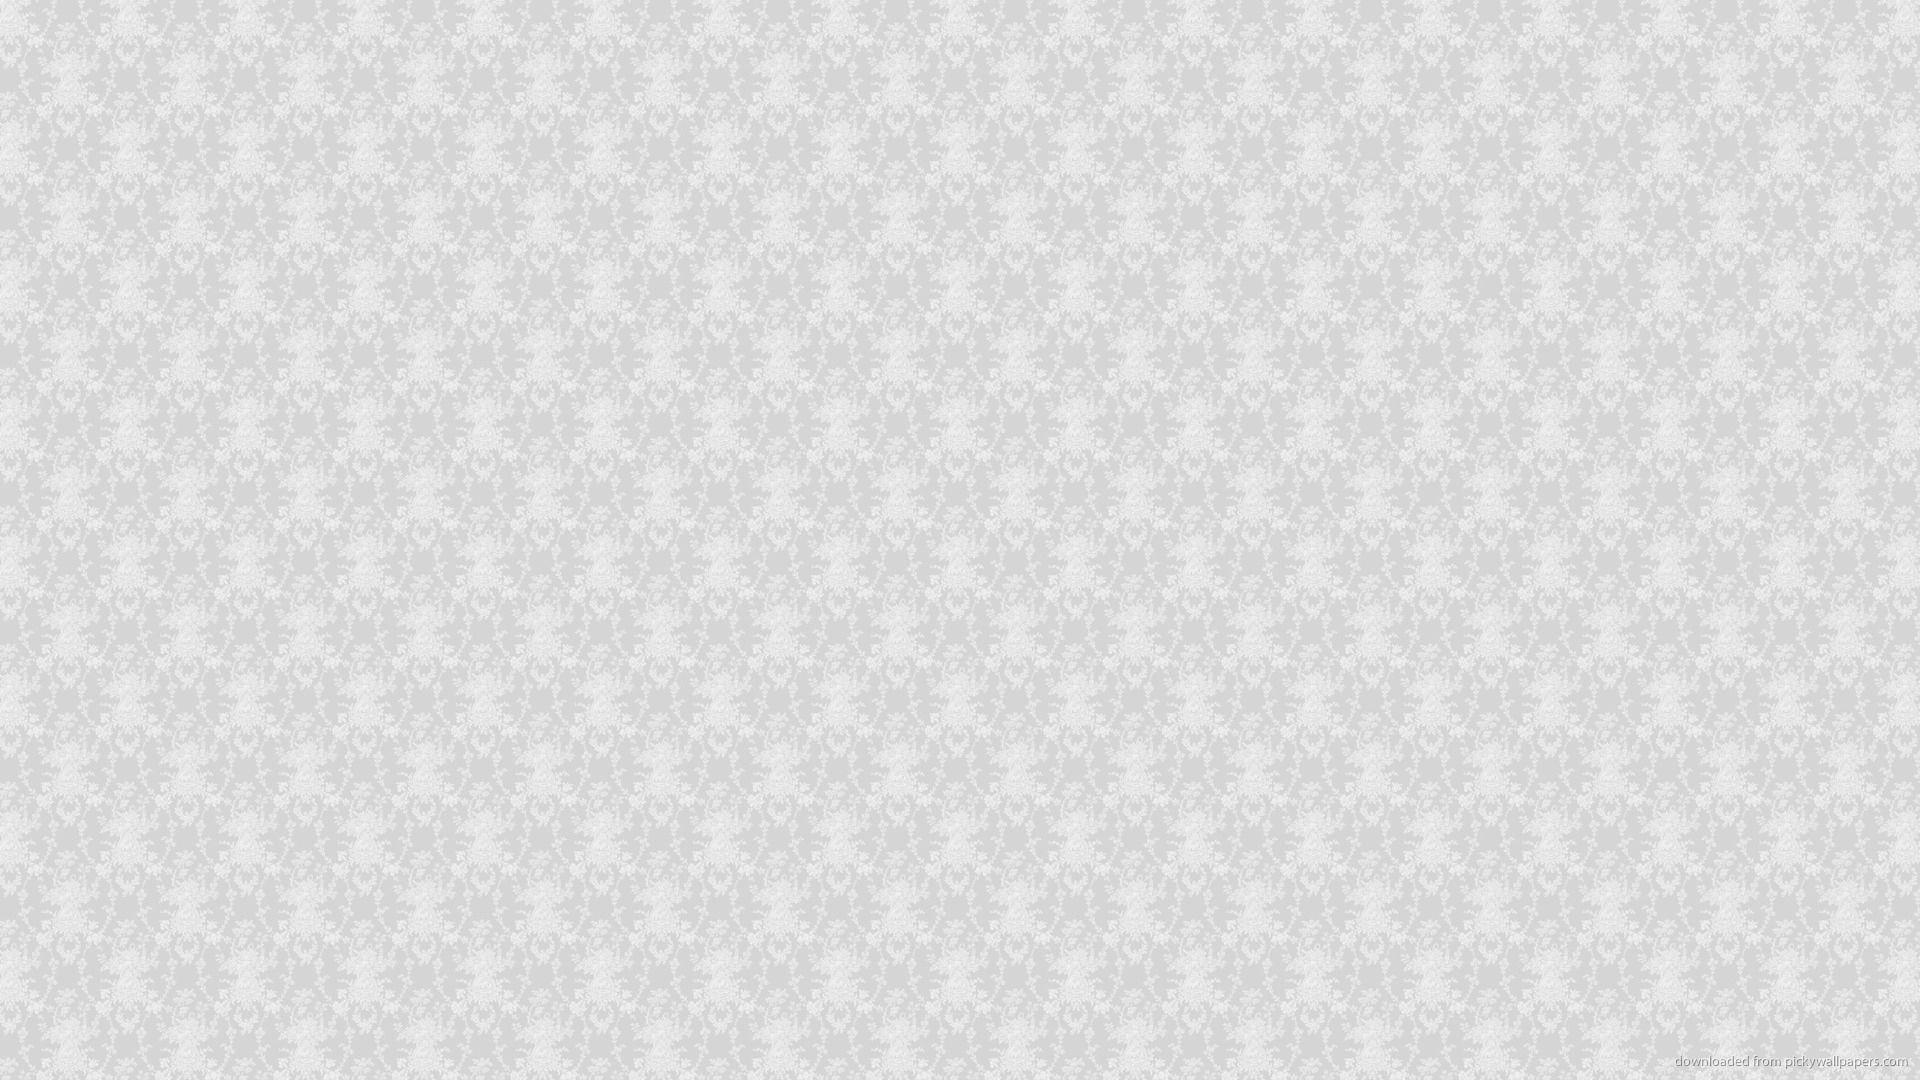 White Pattern Background Best Design Ideas